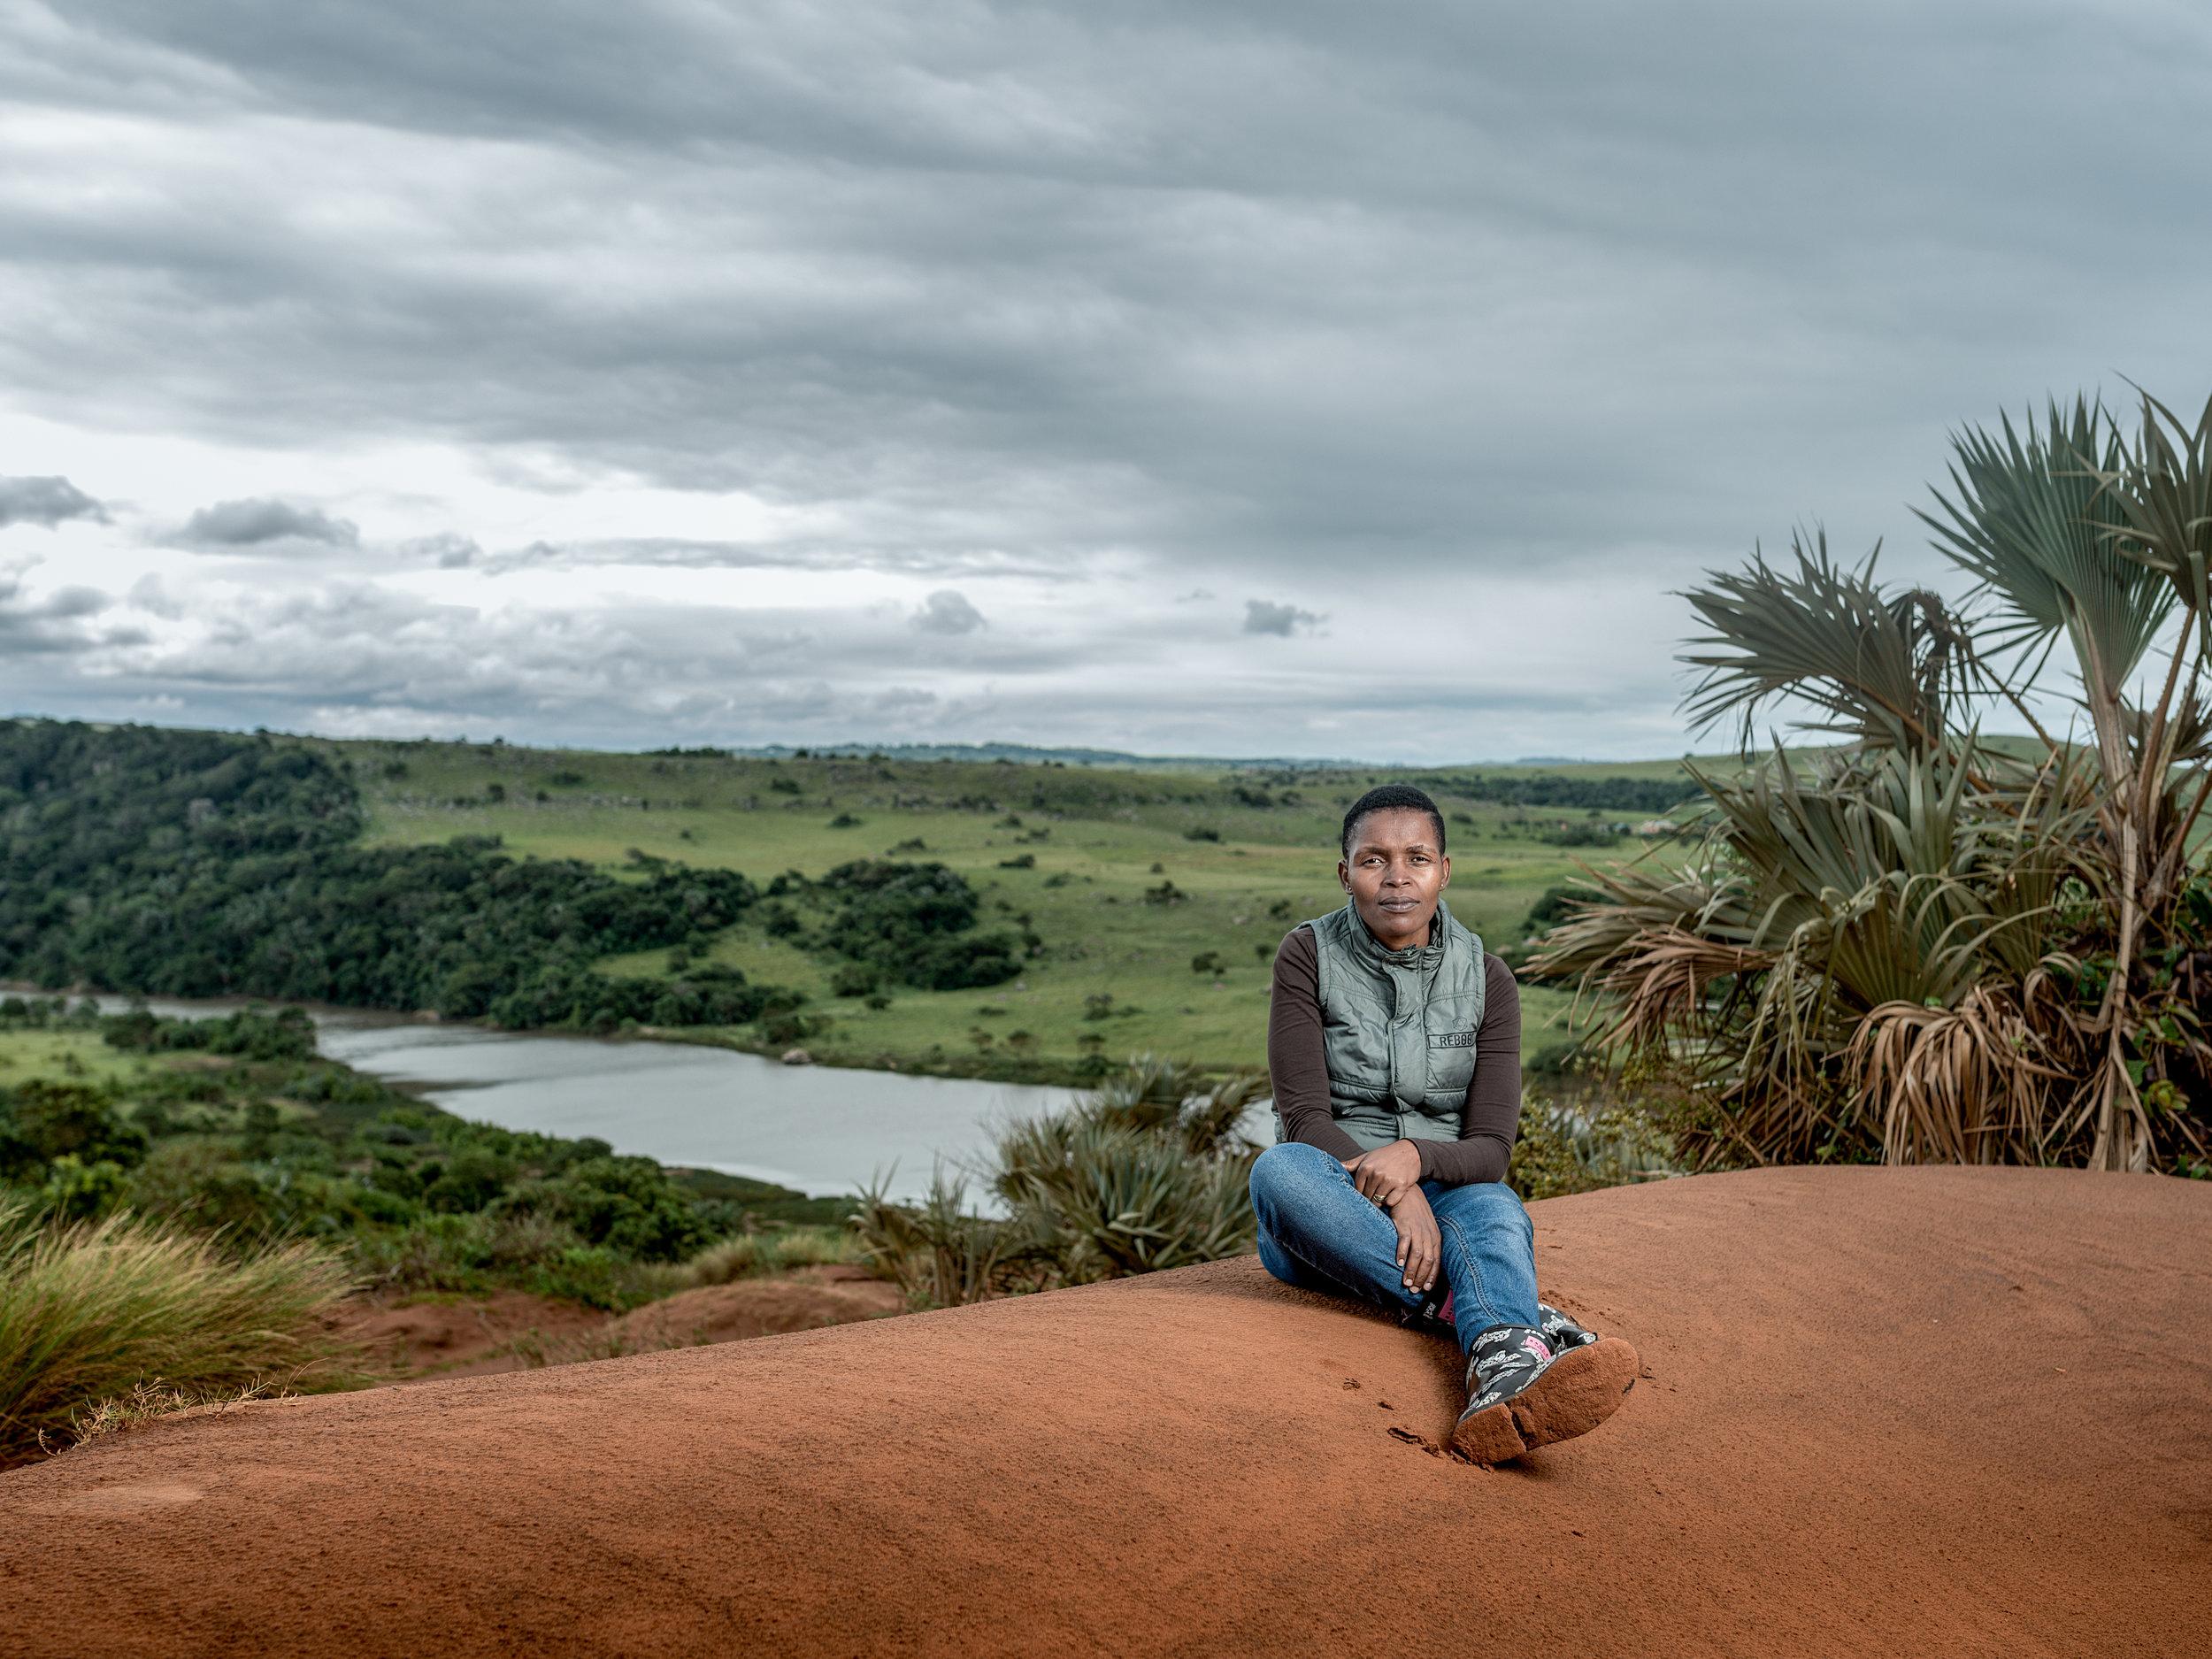 Nonhle Mbuthuma on the red sand dunes of Xolobeni